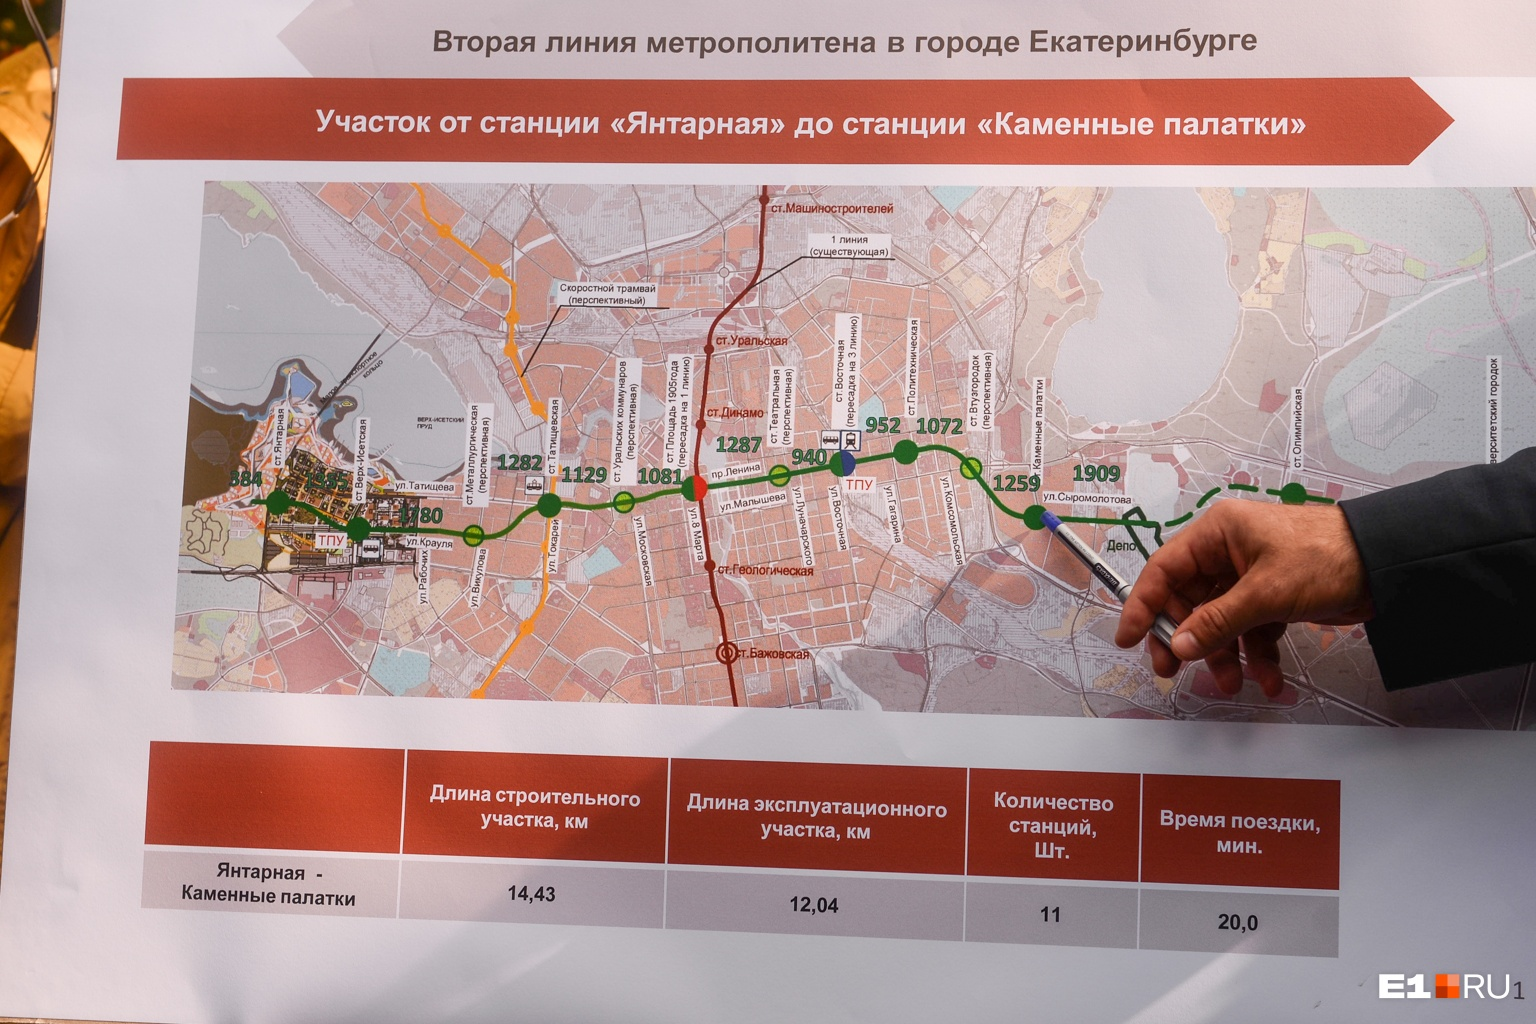 Вторая ветка метро (зеленый цвет) в настоящее время планируется от станции «Янтарная» на ВИЗе до станции «Каменные палатки». Ее хотят построить к 2025 году